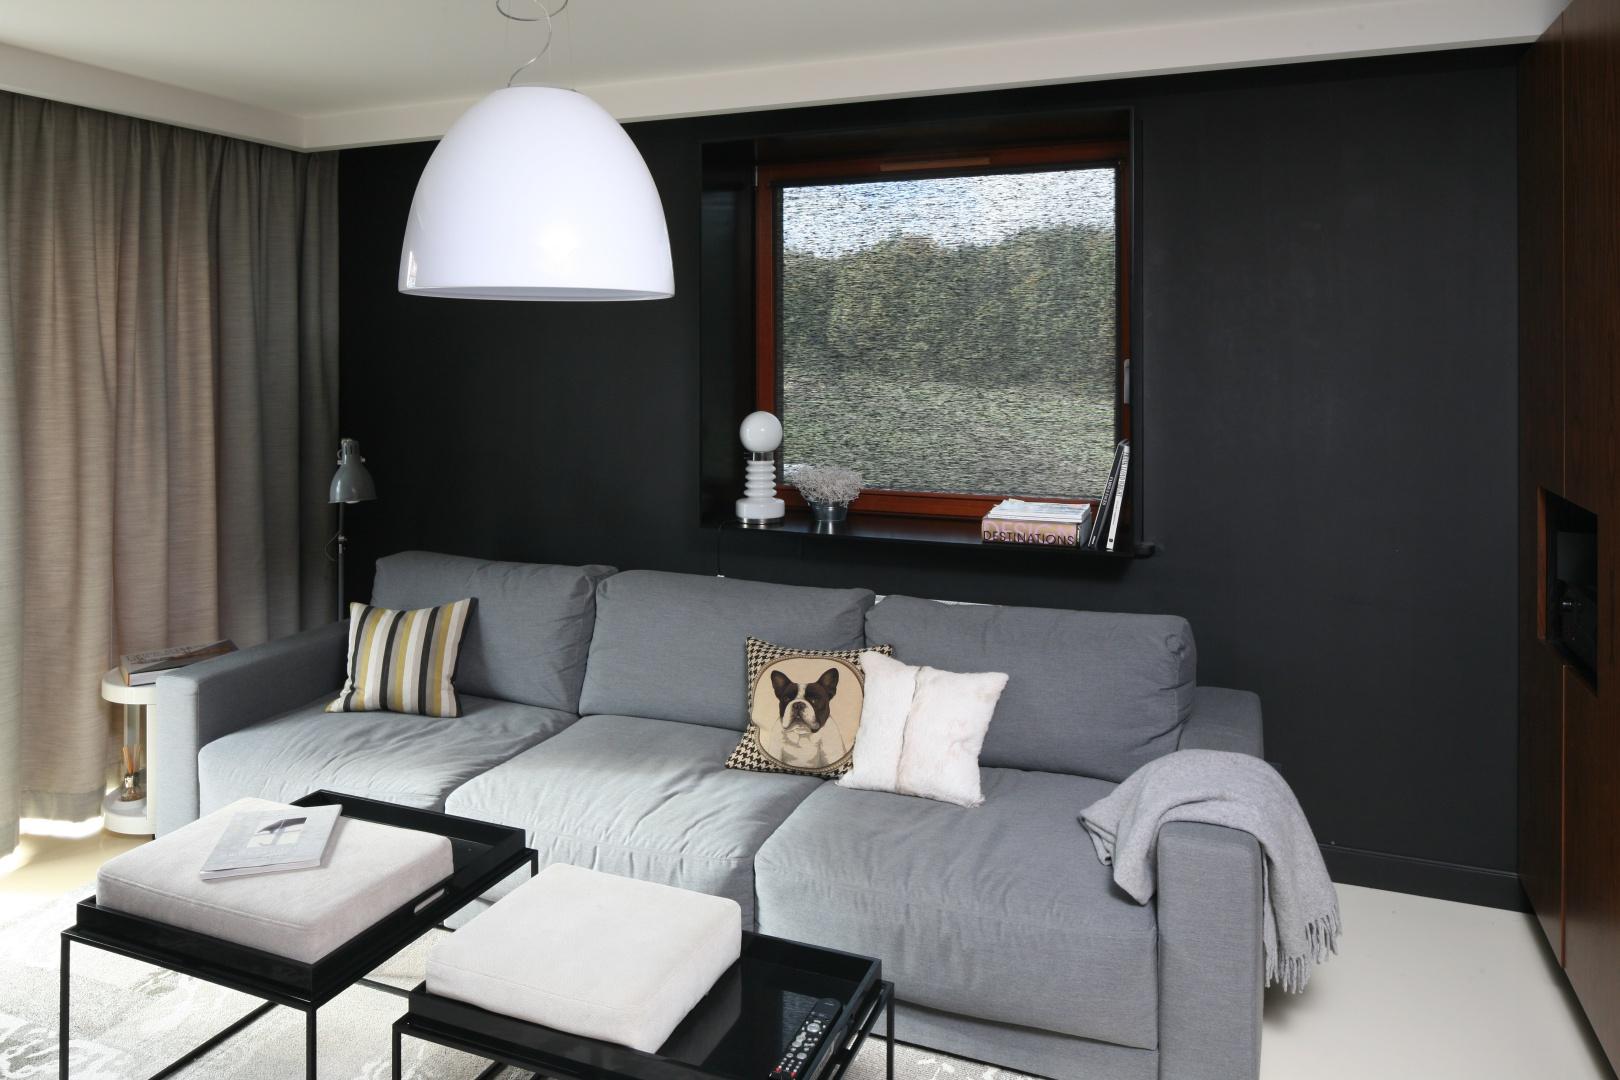 Chociaż szara, to jednak jest najjaśniejszym detalem w salonie. Na tle czarnej ściany nowoczesna kanapa prezentuje się bardzo efektownie. Projekt: Katarzyna i Michał Dudko. Fot. Bartosz Jarosz.